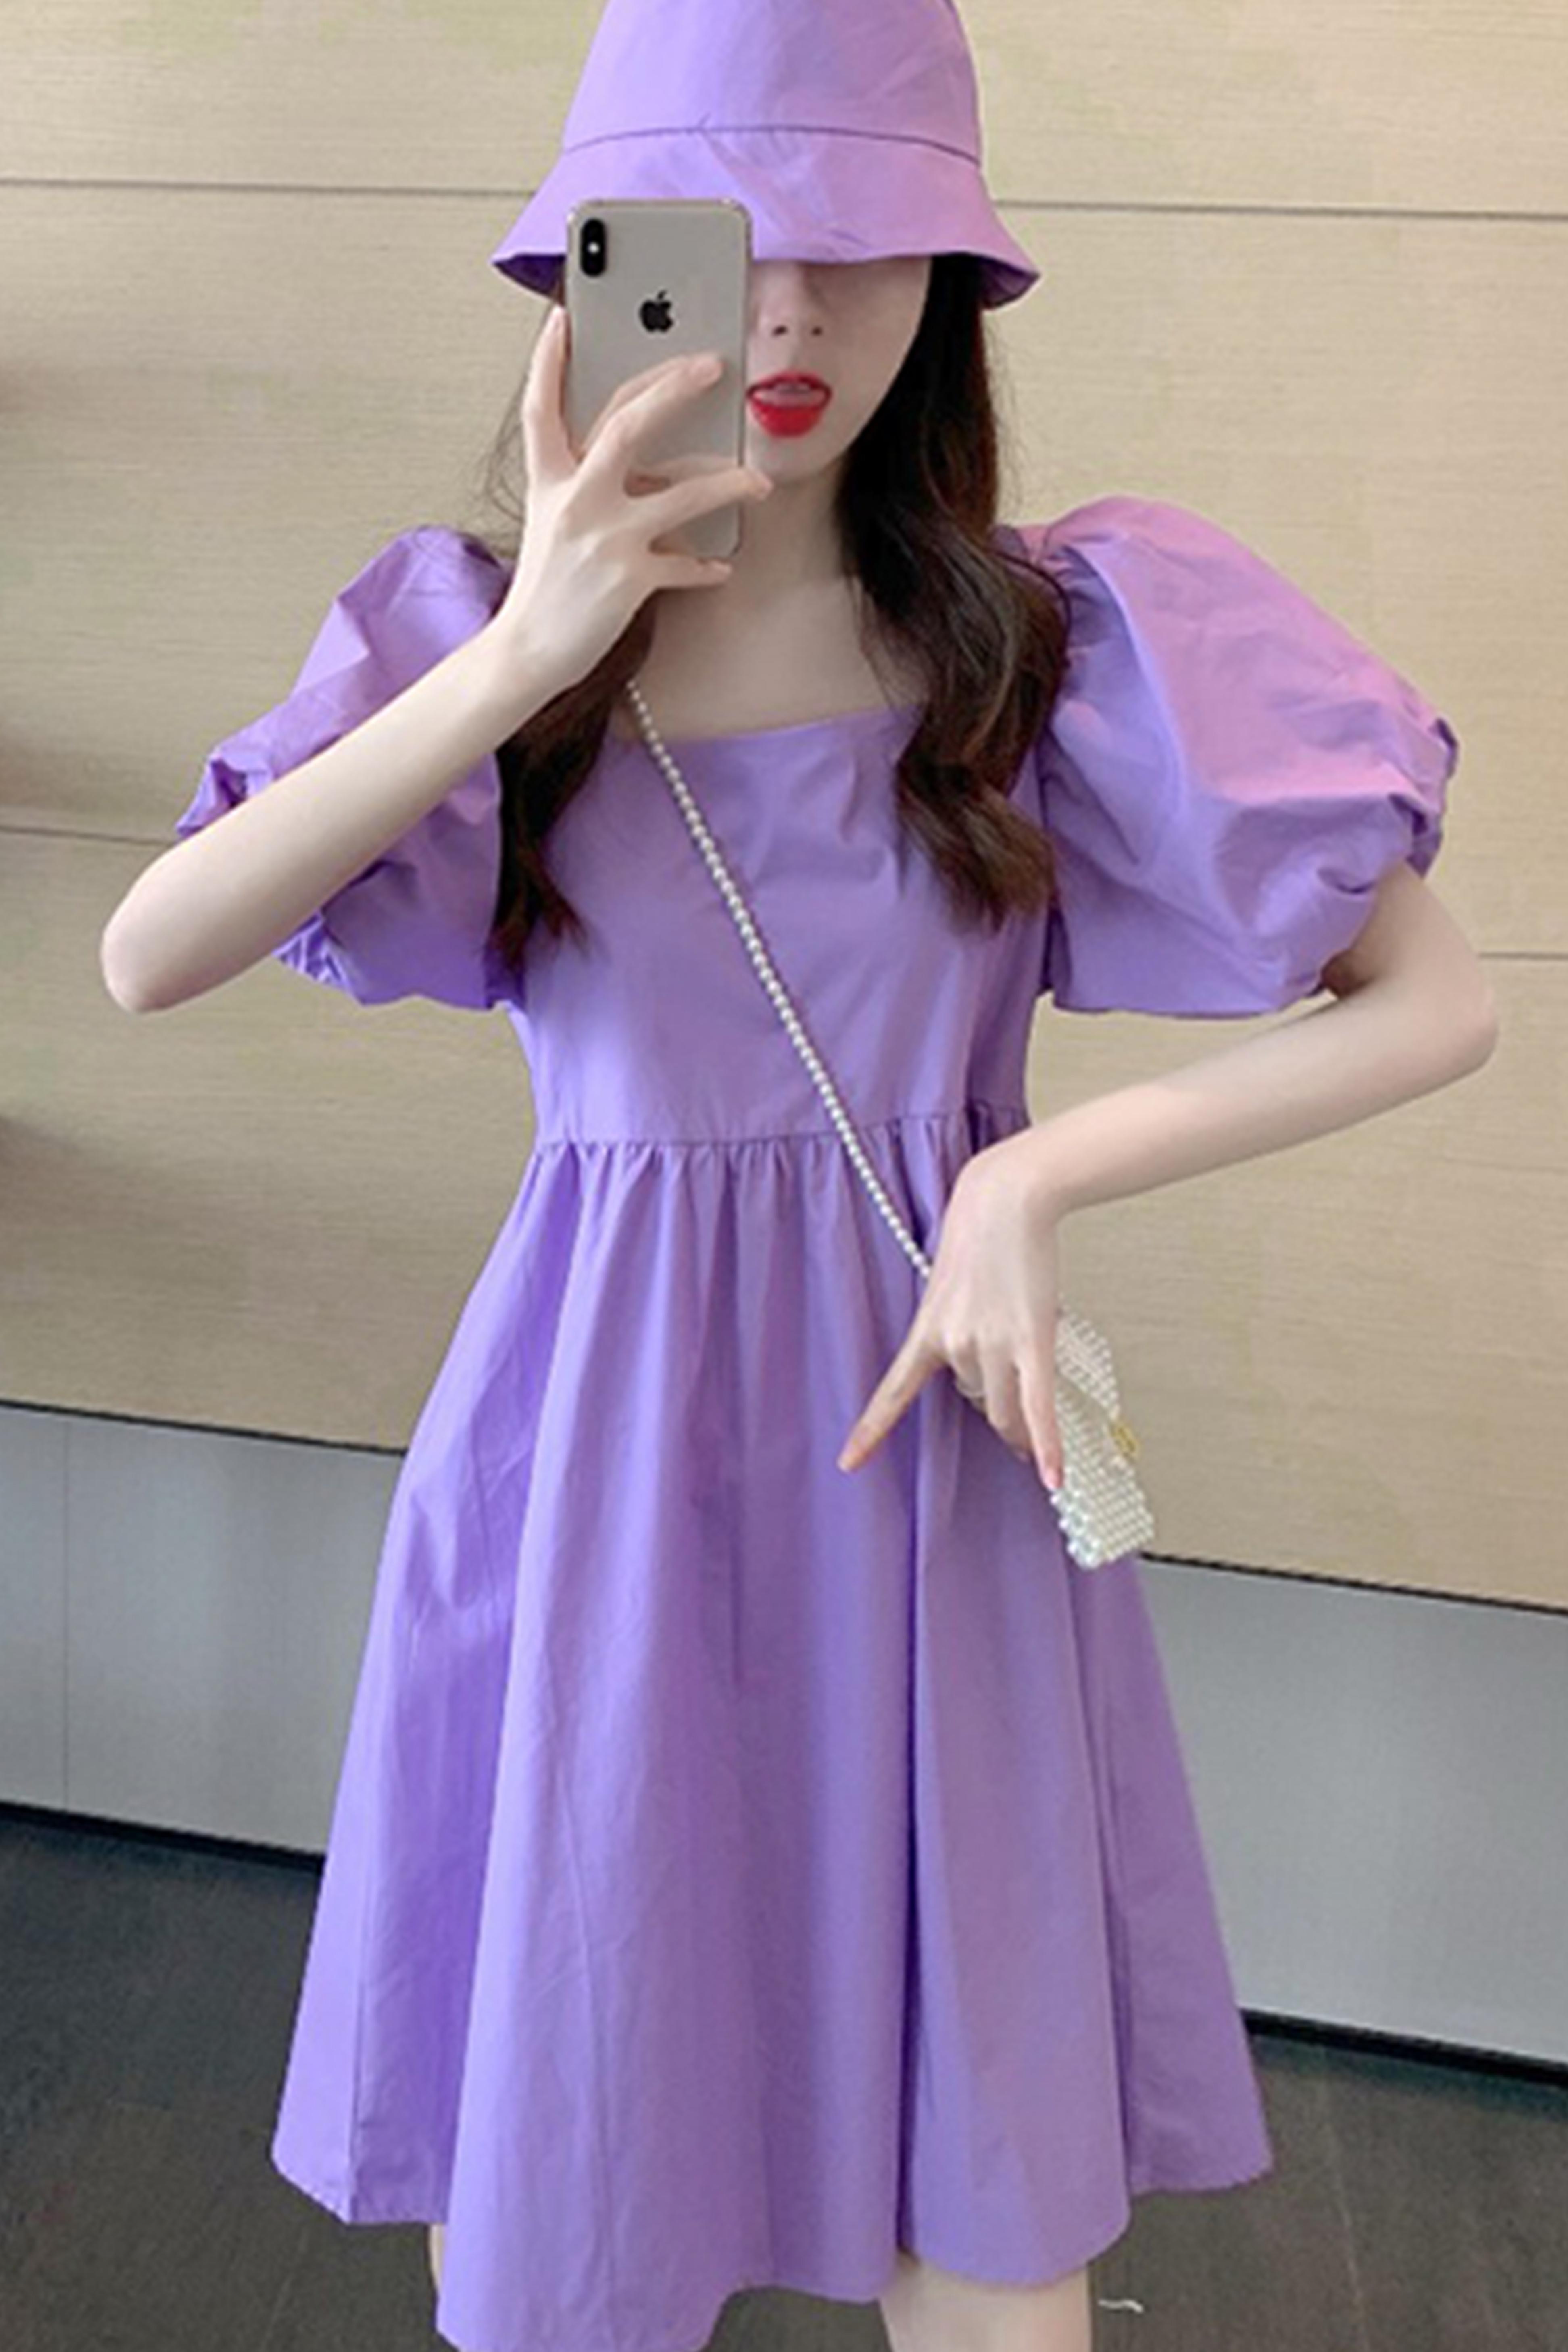 夏季2020新款韩版泡泡短袖连衣裙学生百搭洋气紫色高腰裙子女